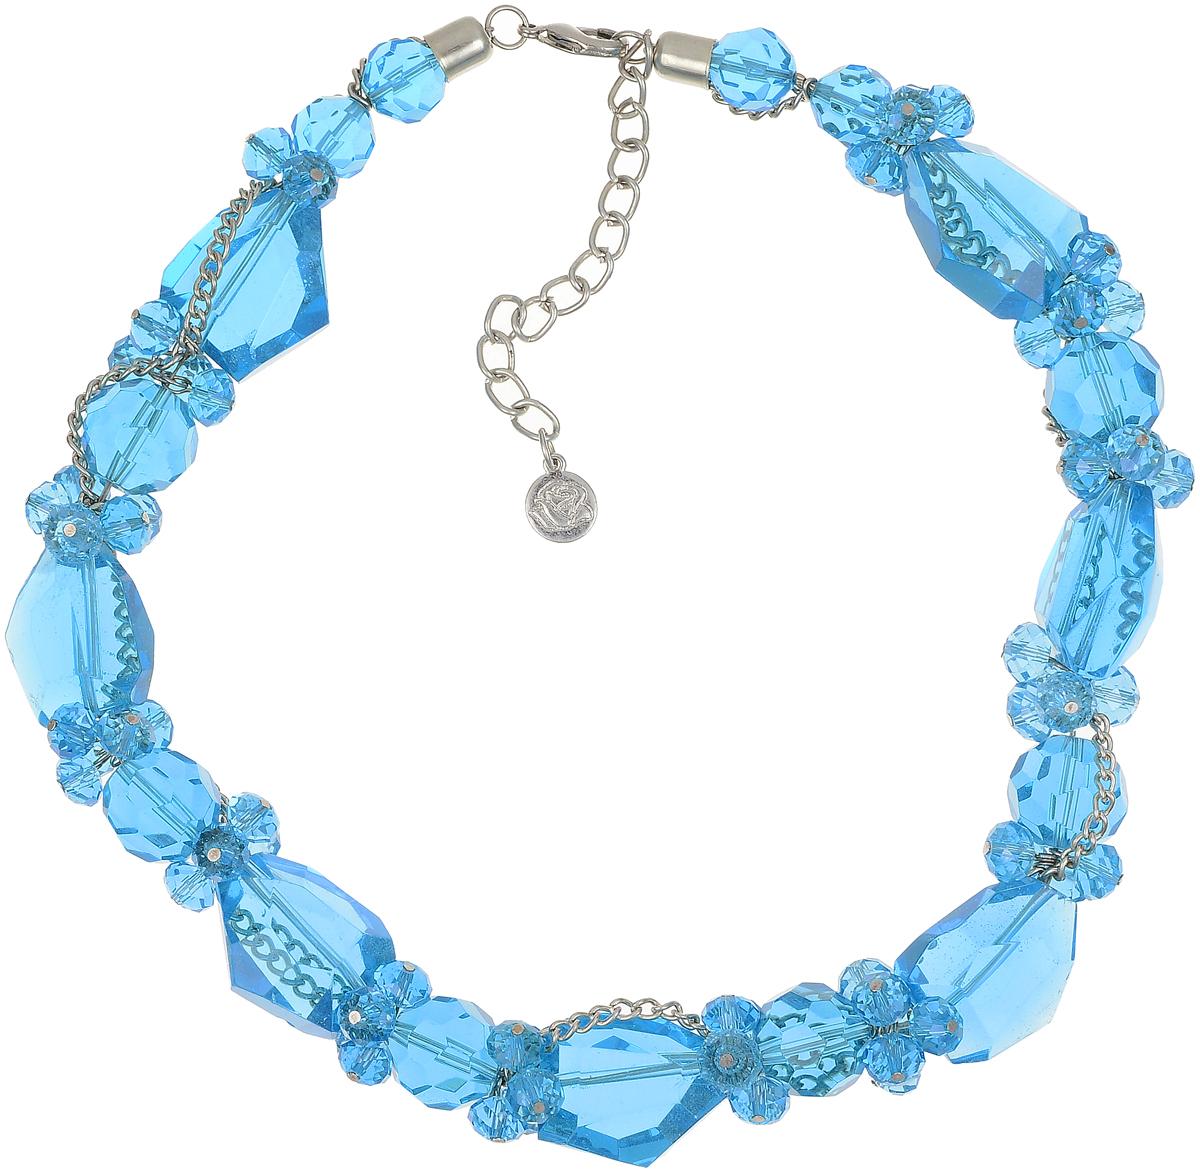 Бусы Art-Silver, цвет: голубой. TNL017-575Бусы-ниткаБусы Art-Silver выполнены из бижутерного сплава, циркона и кристаллов. Изделие оснащено удобным замком-карабином.